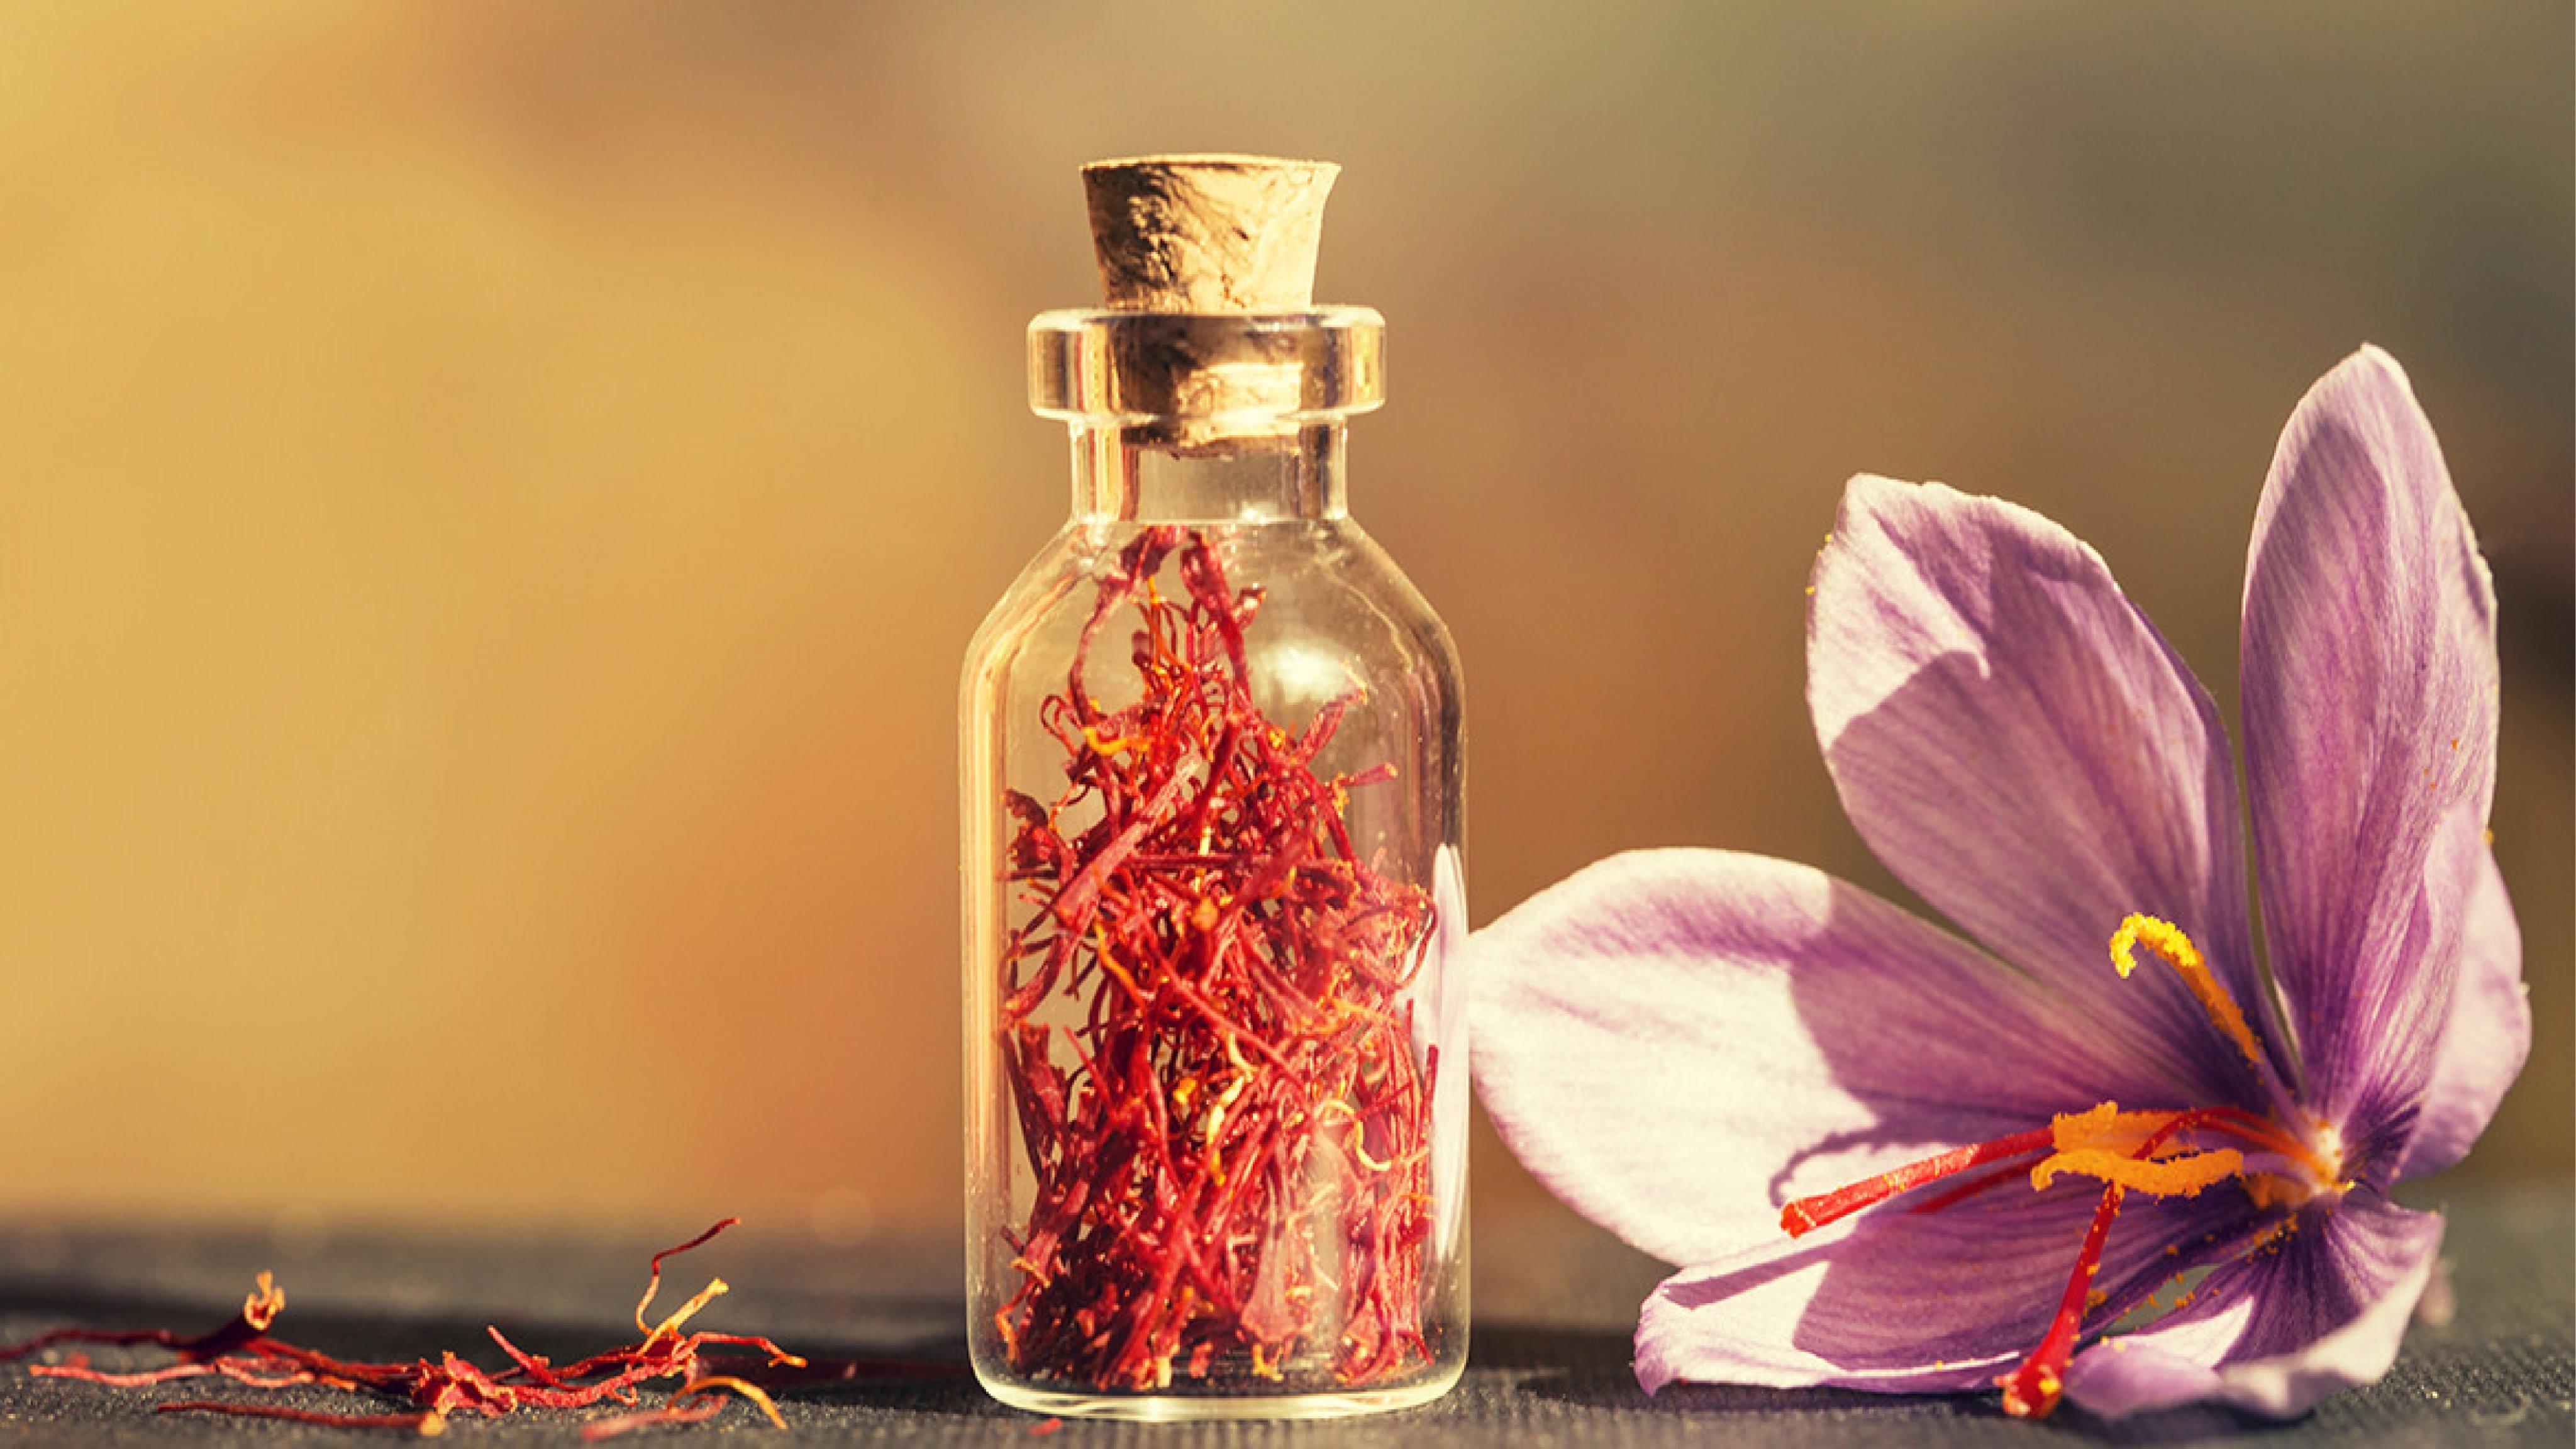 eDoctor - Nhụy hoa nghệ tây giảm các triệu chứng trước chu kỳ kinh nguyệt và ngăn ngừa bệnh mãn tính